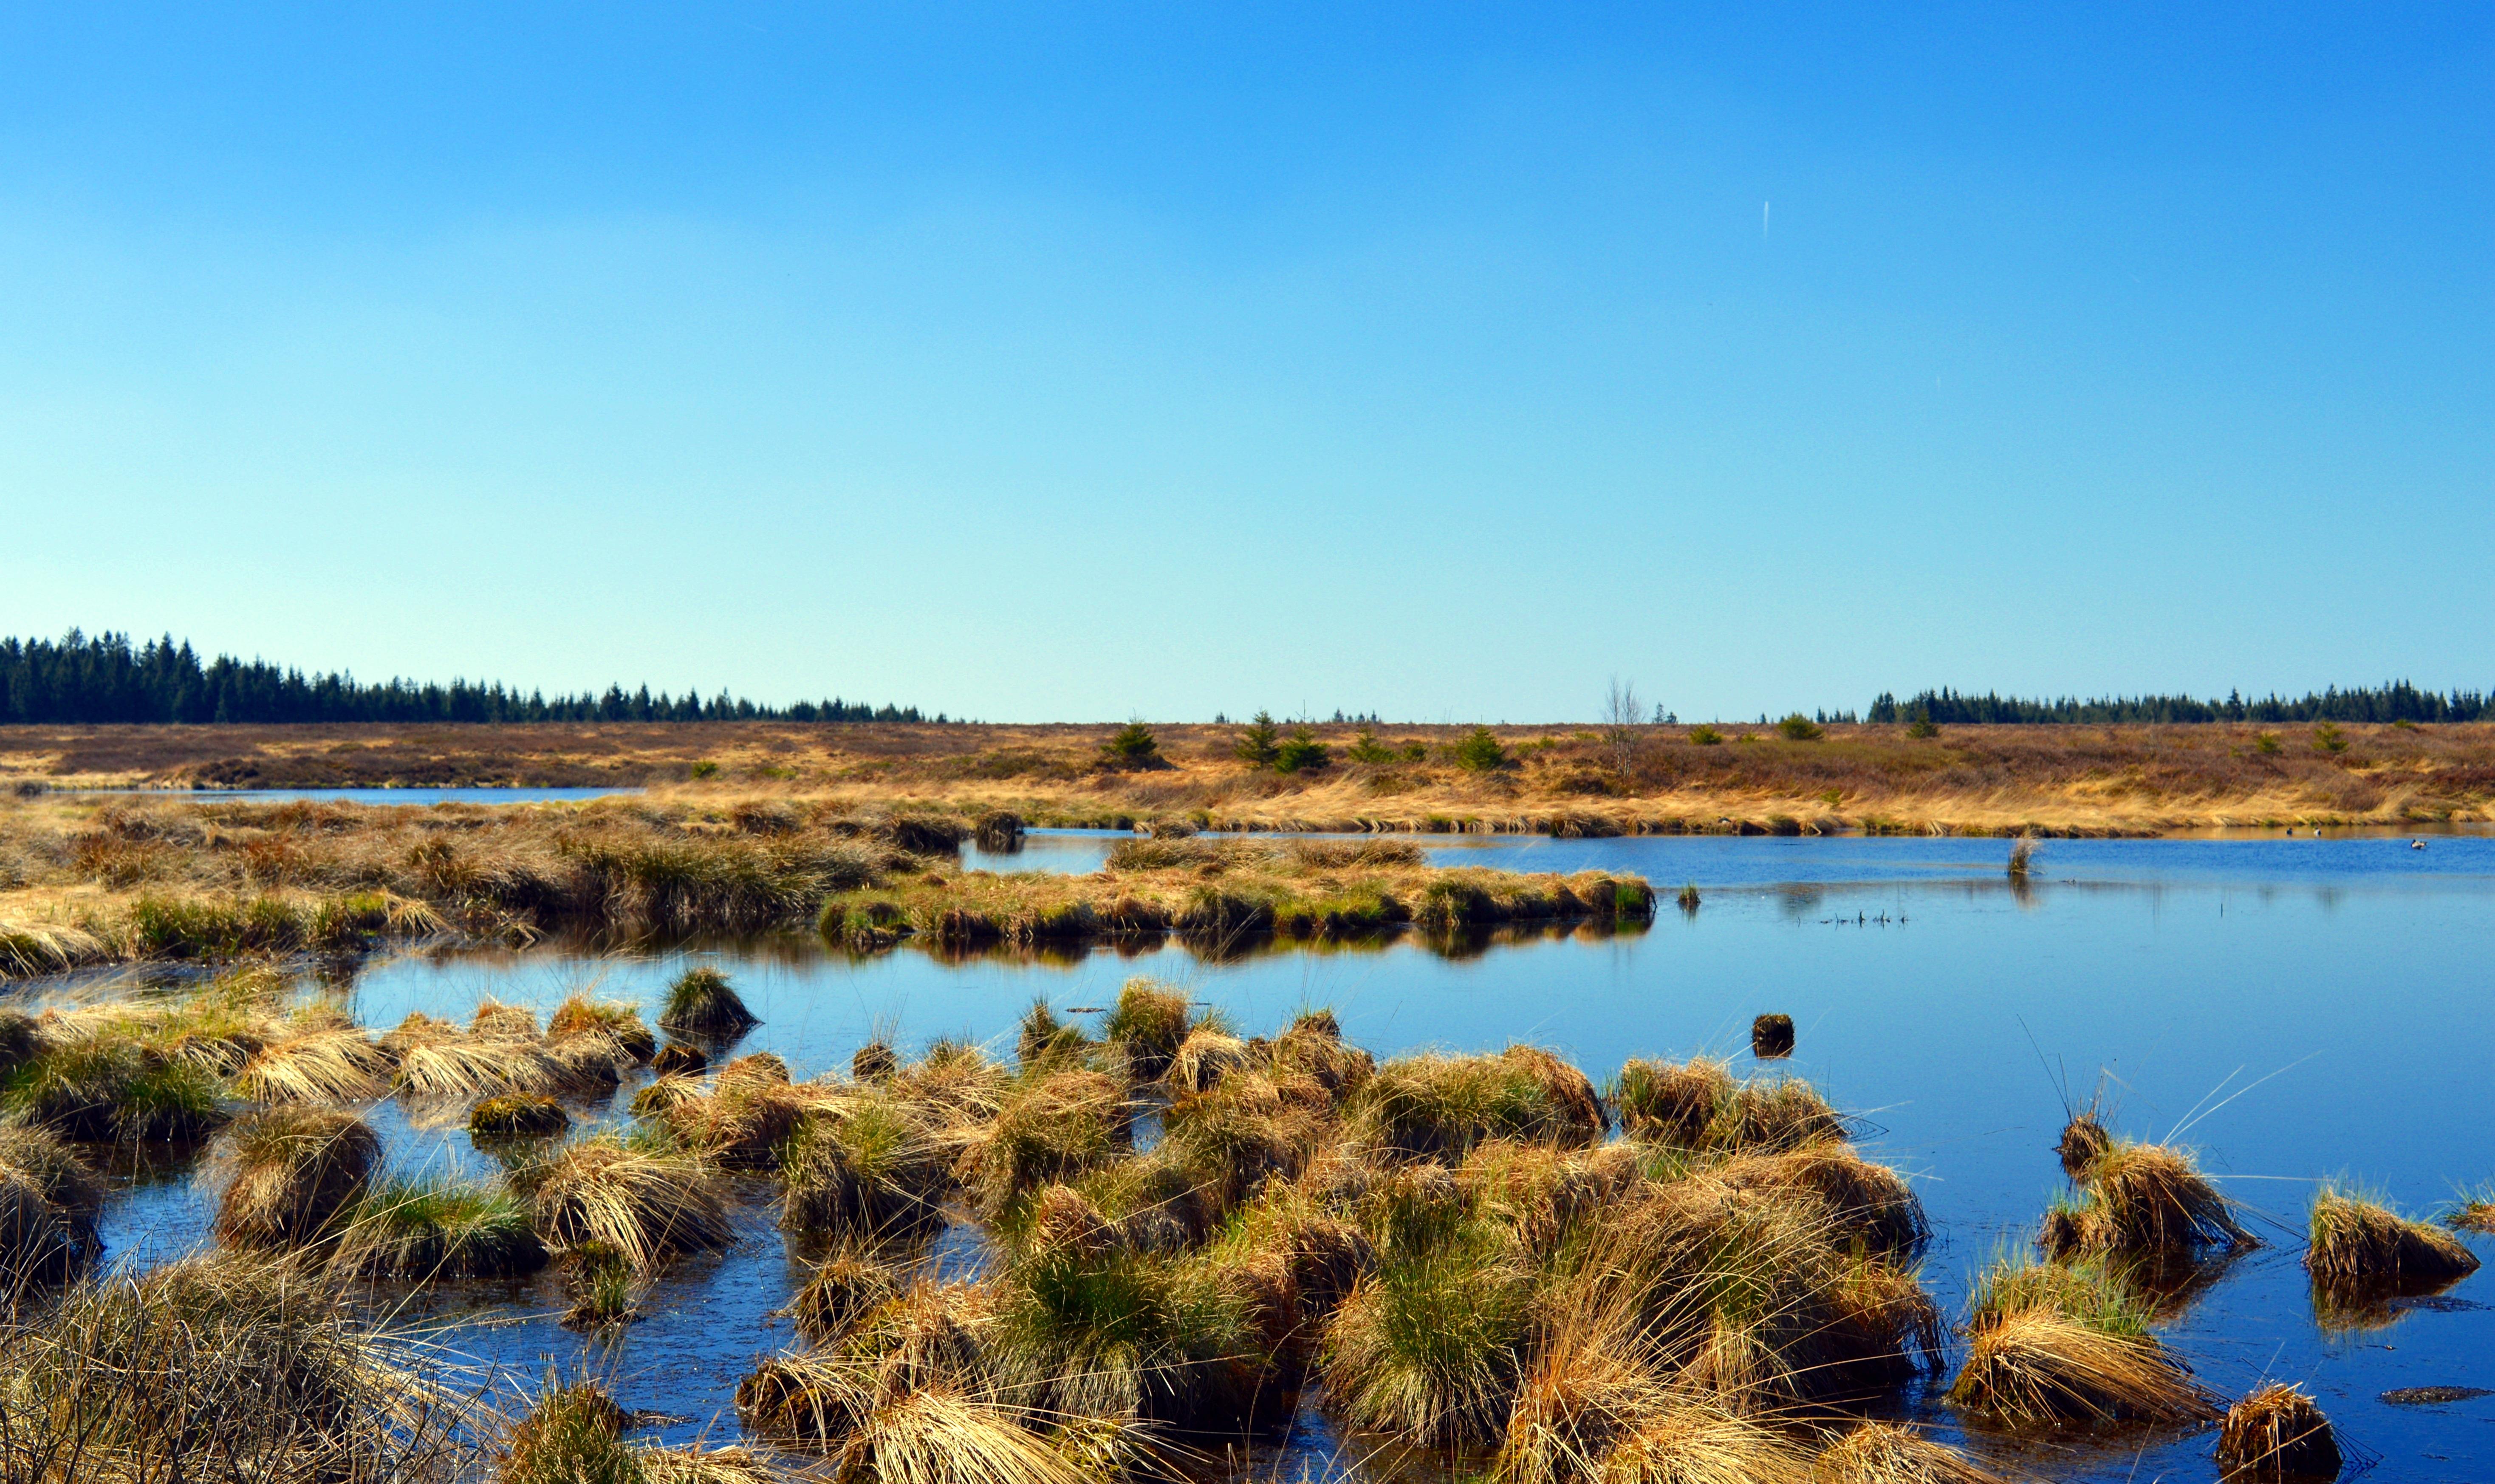 так картинки водно-болотных угодий спровоцировать